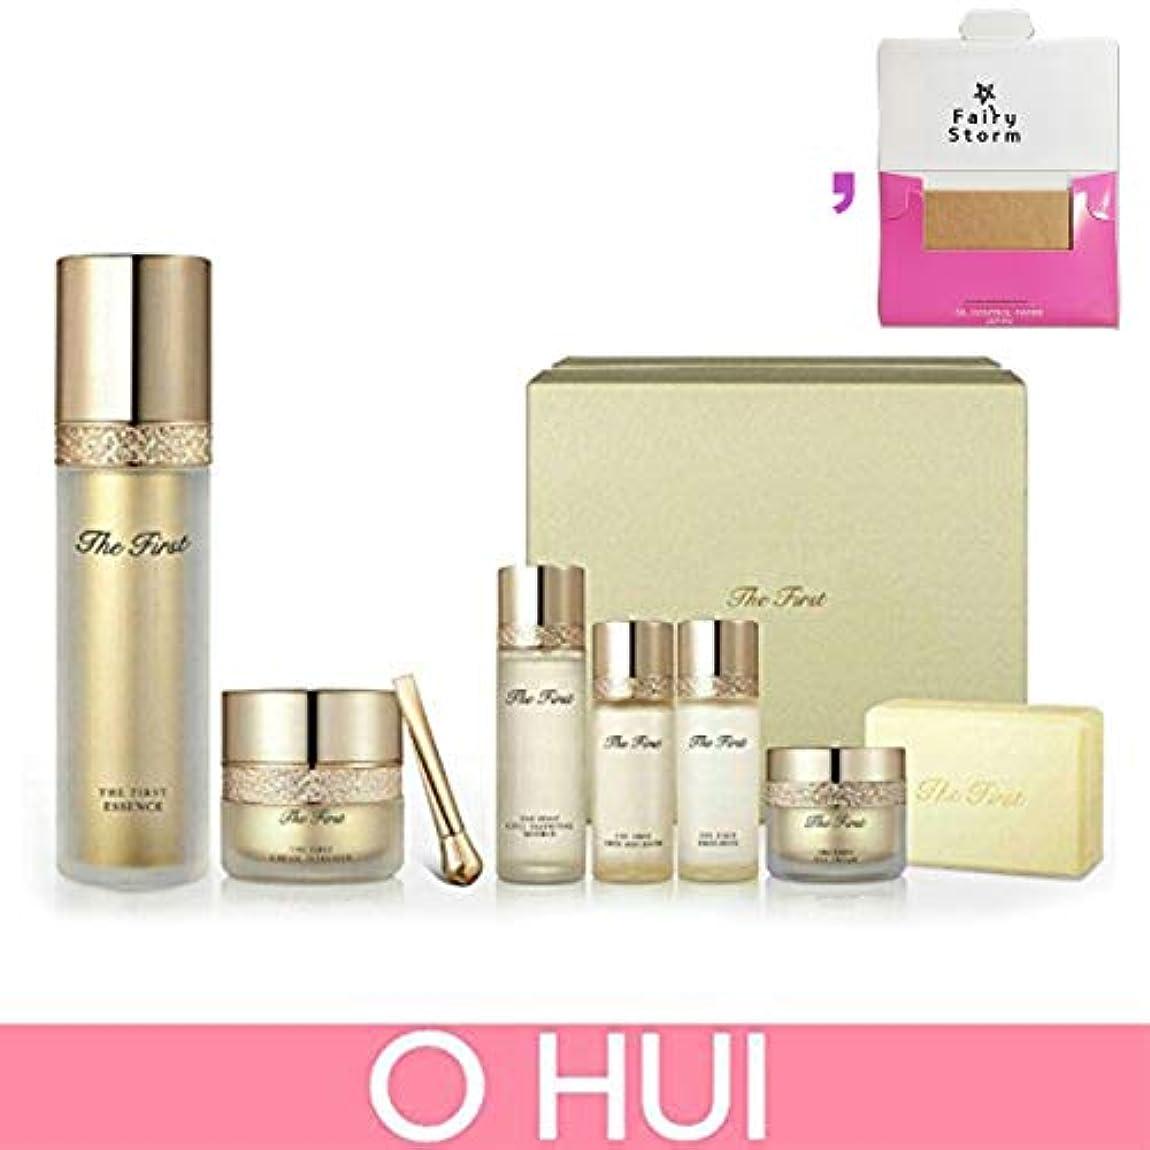 雪だるま第九サルベージ[オフィ/O HUI]Ohui The First Essence Gold Edition Special Set 100ml /OH ザ ファースト エッセンス 100ml + [Sample Gift](海外直送品)